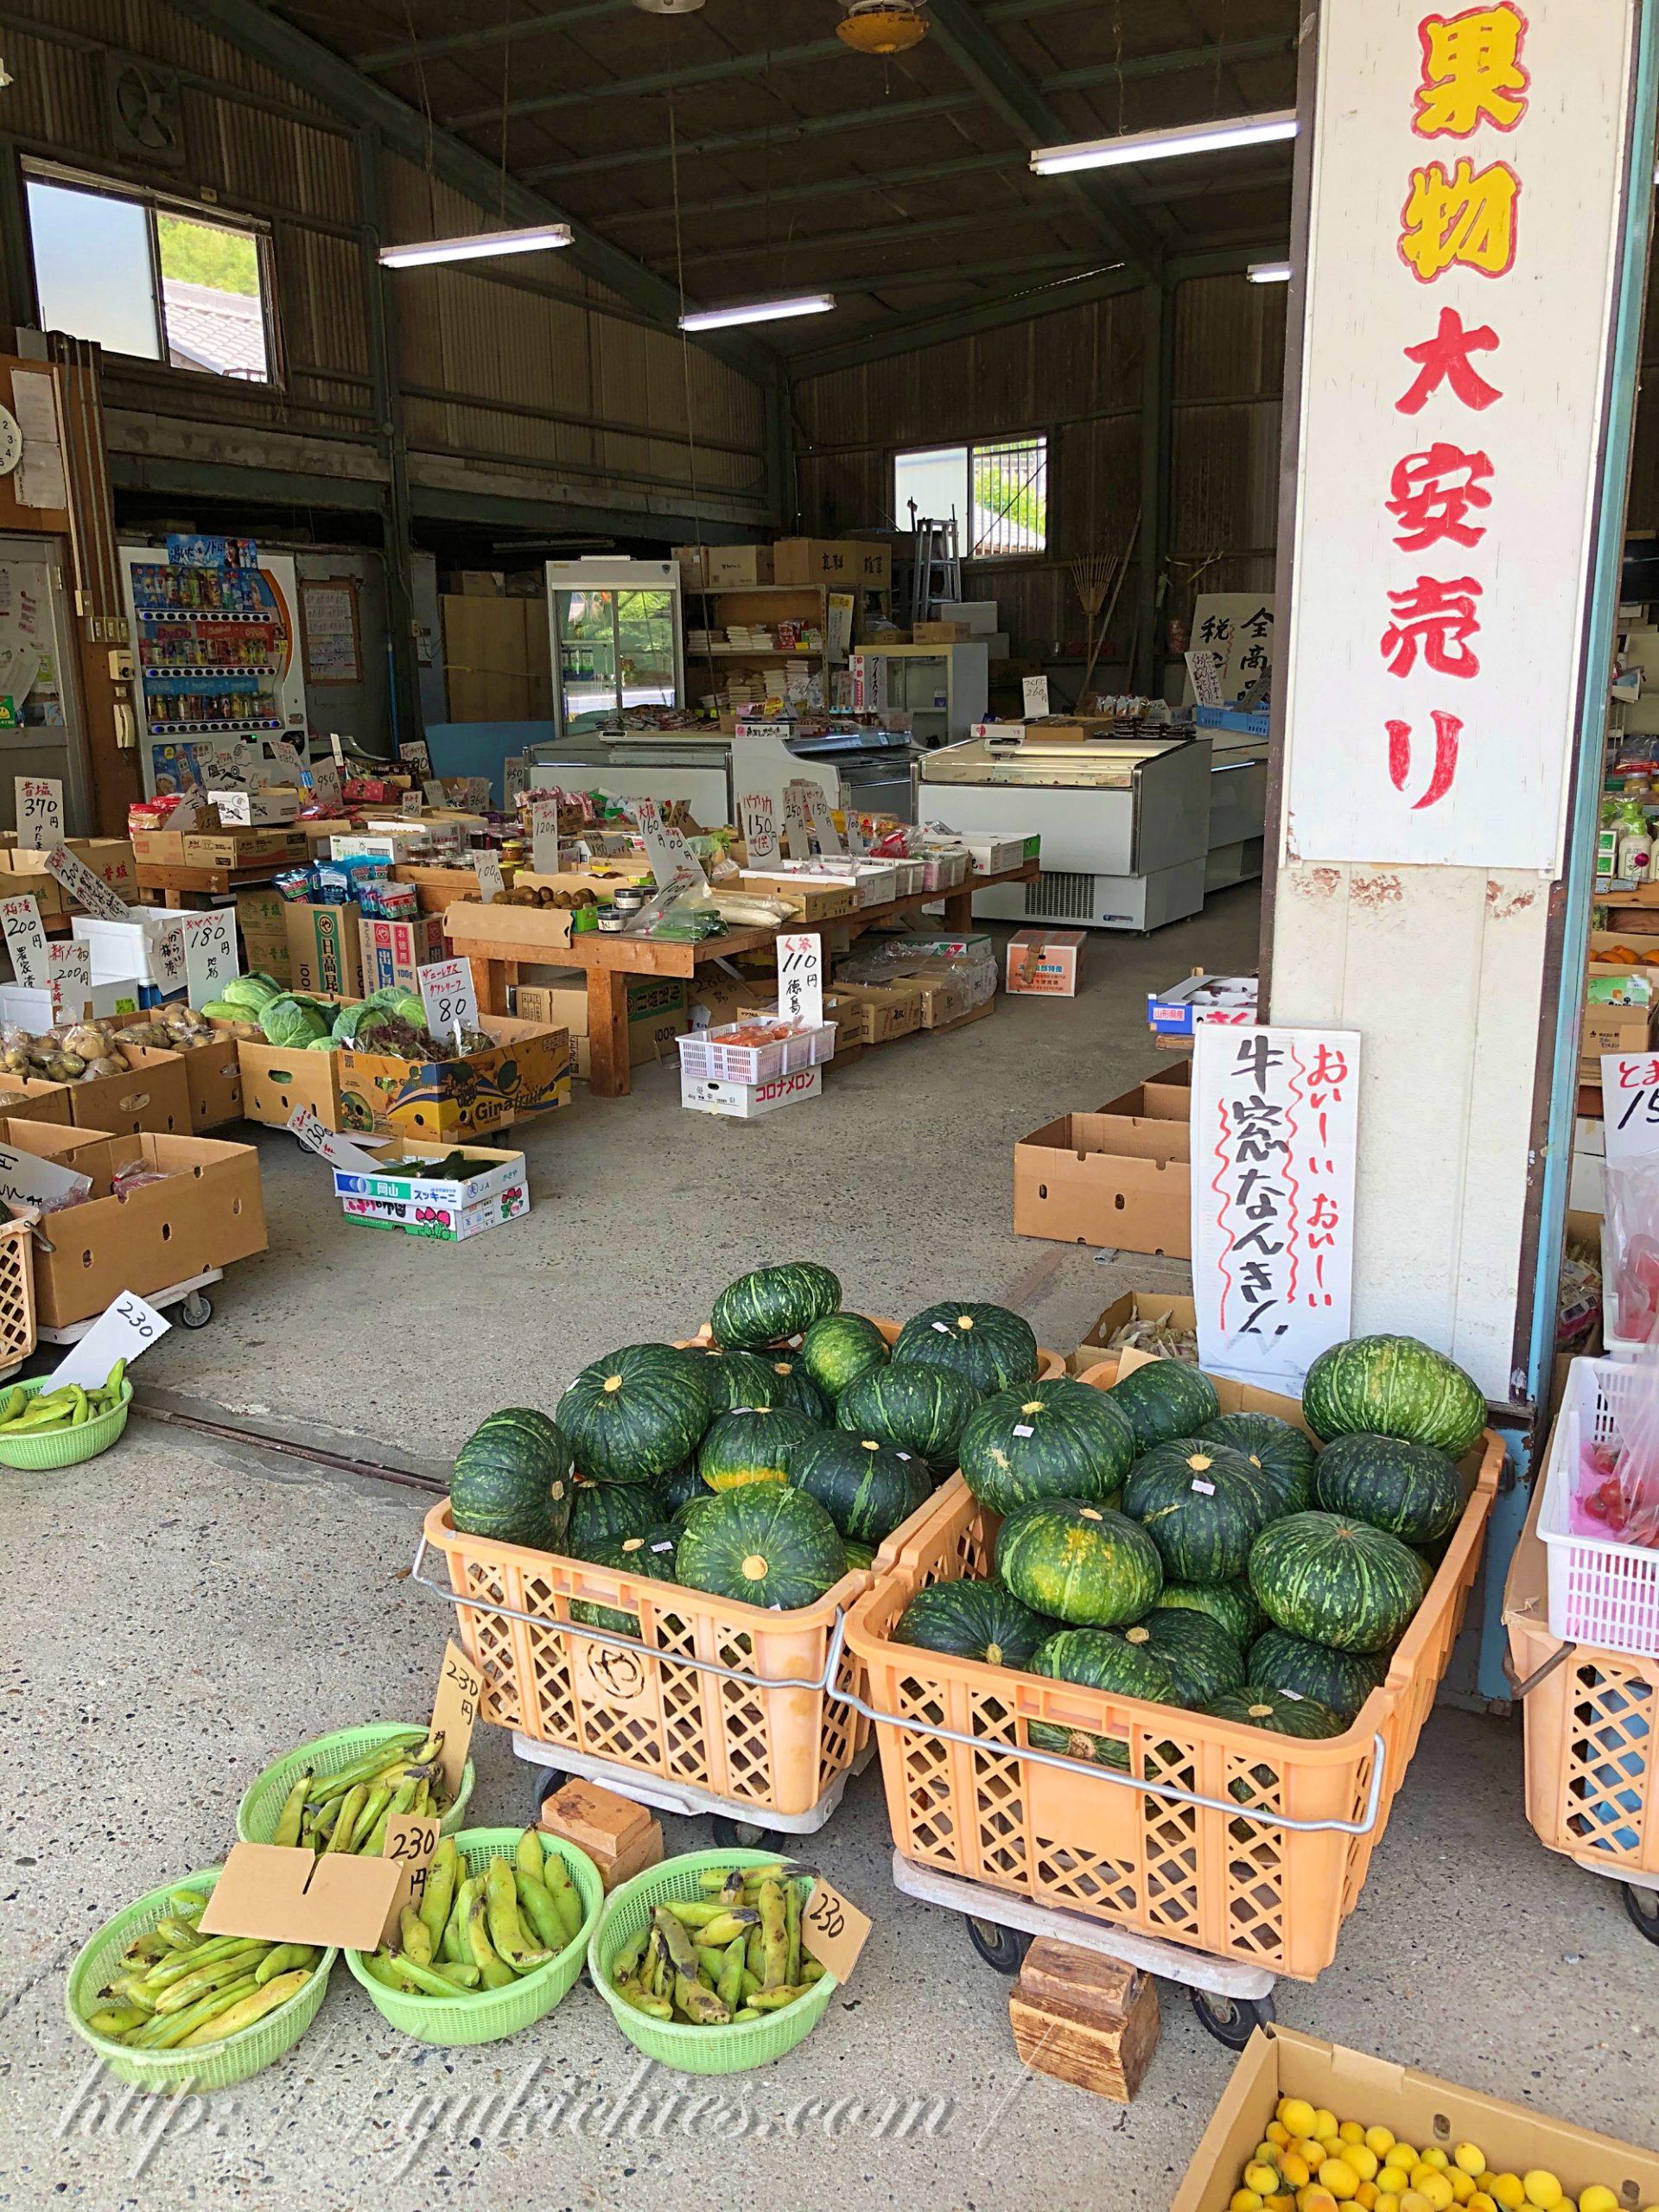 岡山県瀬戸内市牛窓 農家の野菜屋さん かぼちゃ